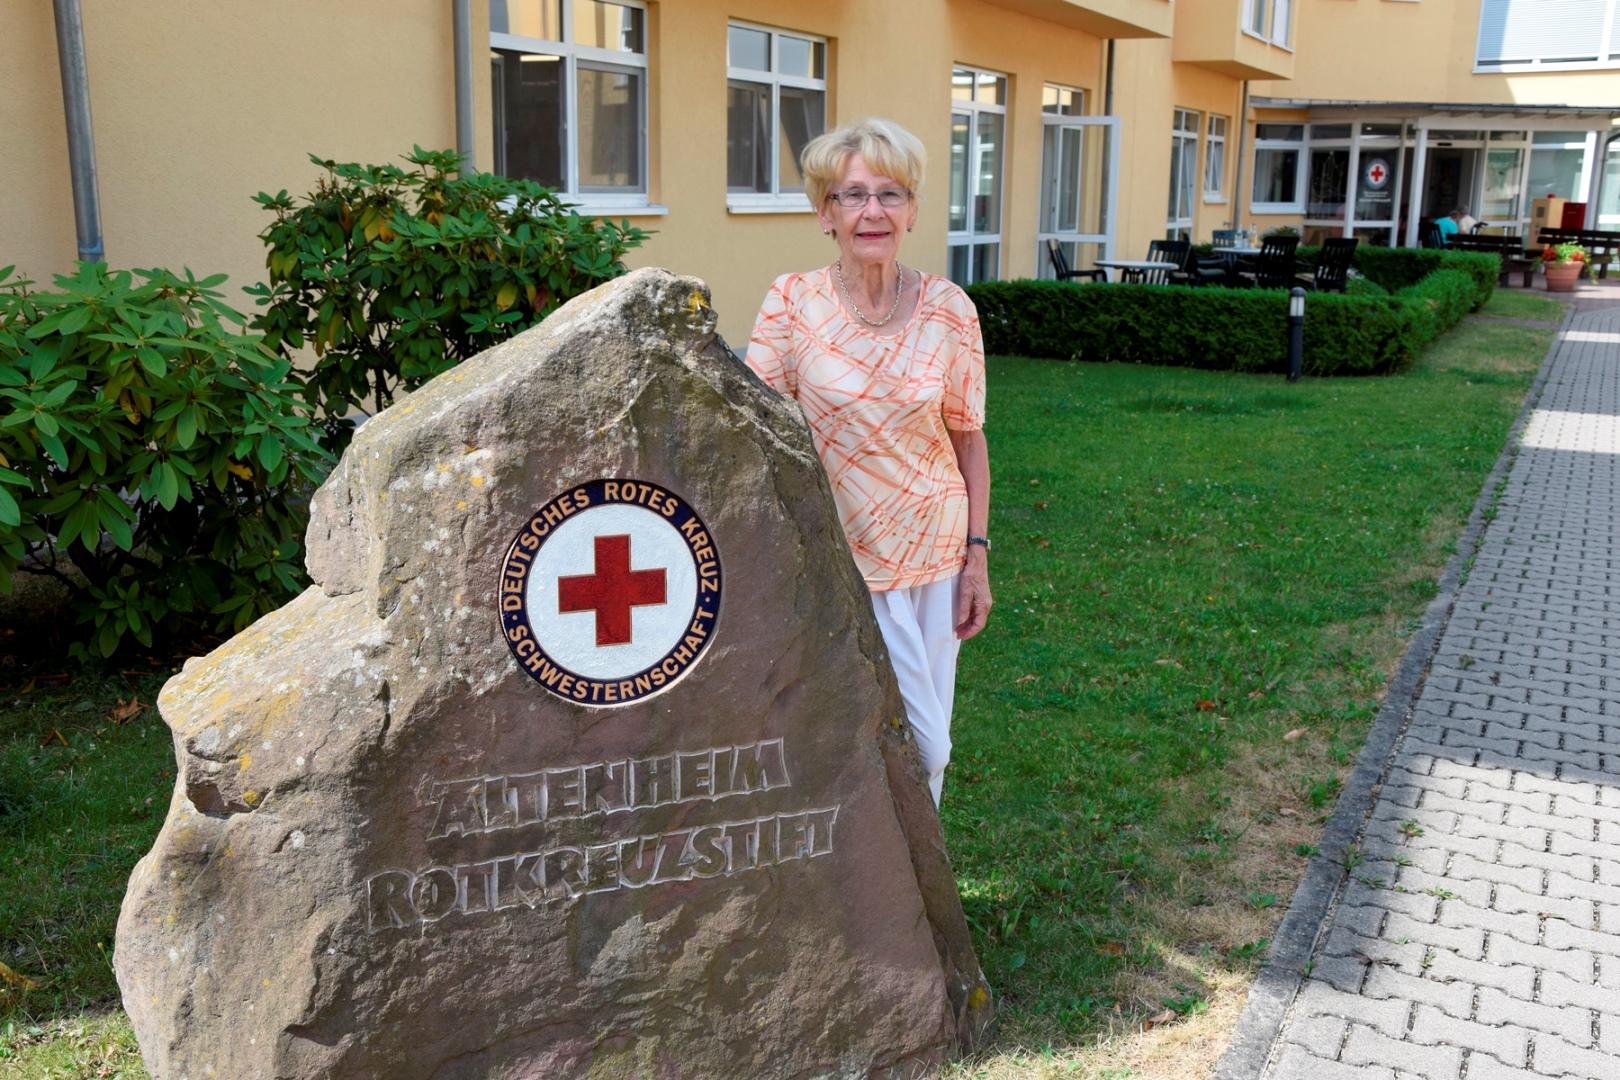 Heide Gottschalk leitet ehrenamtlich die KaffeePause im Altenheim Rotkreuzstift in Neustadt an der Weinstraße